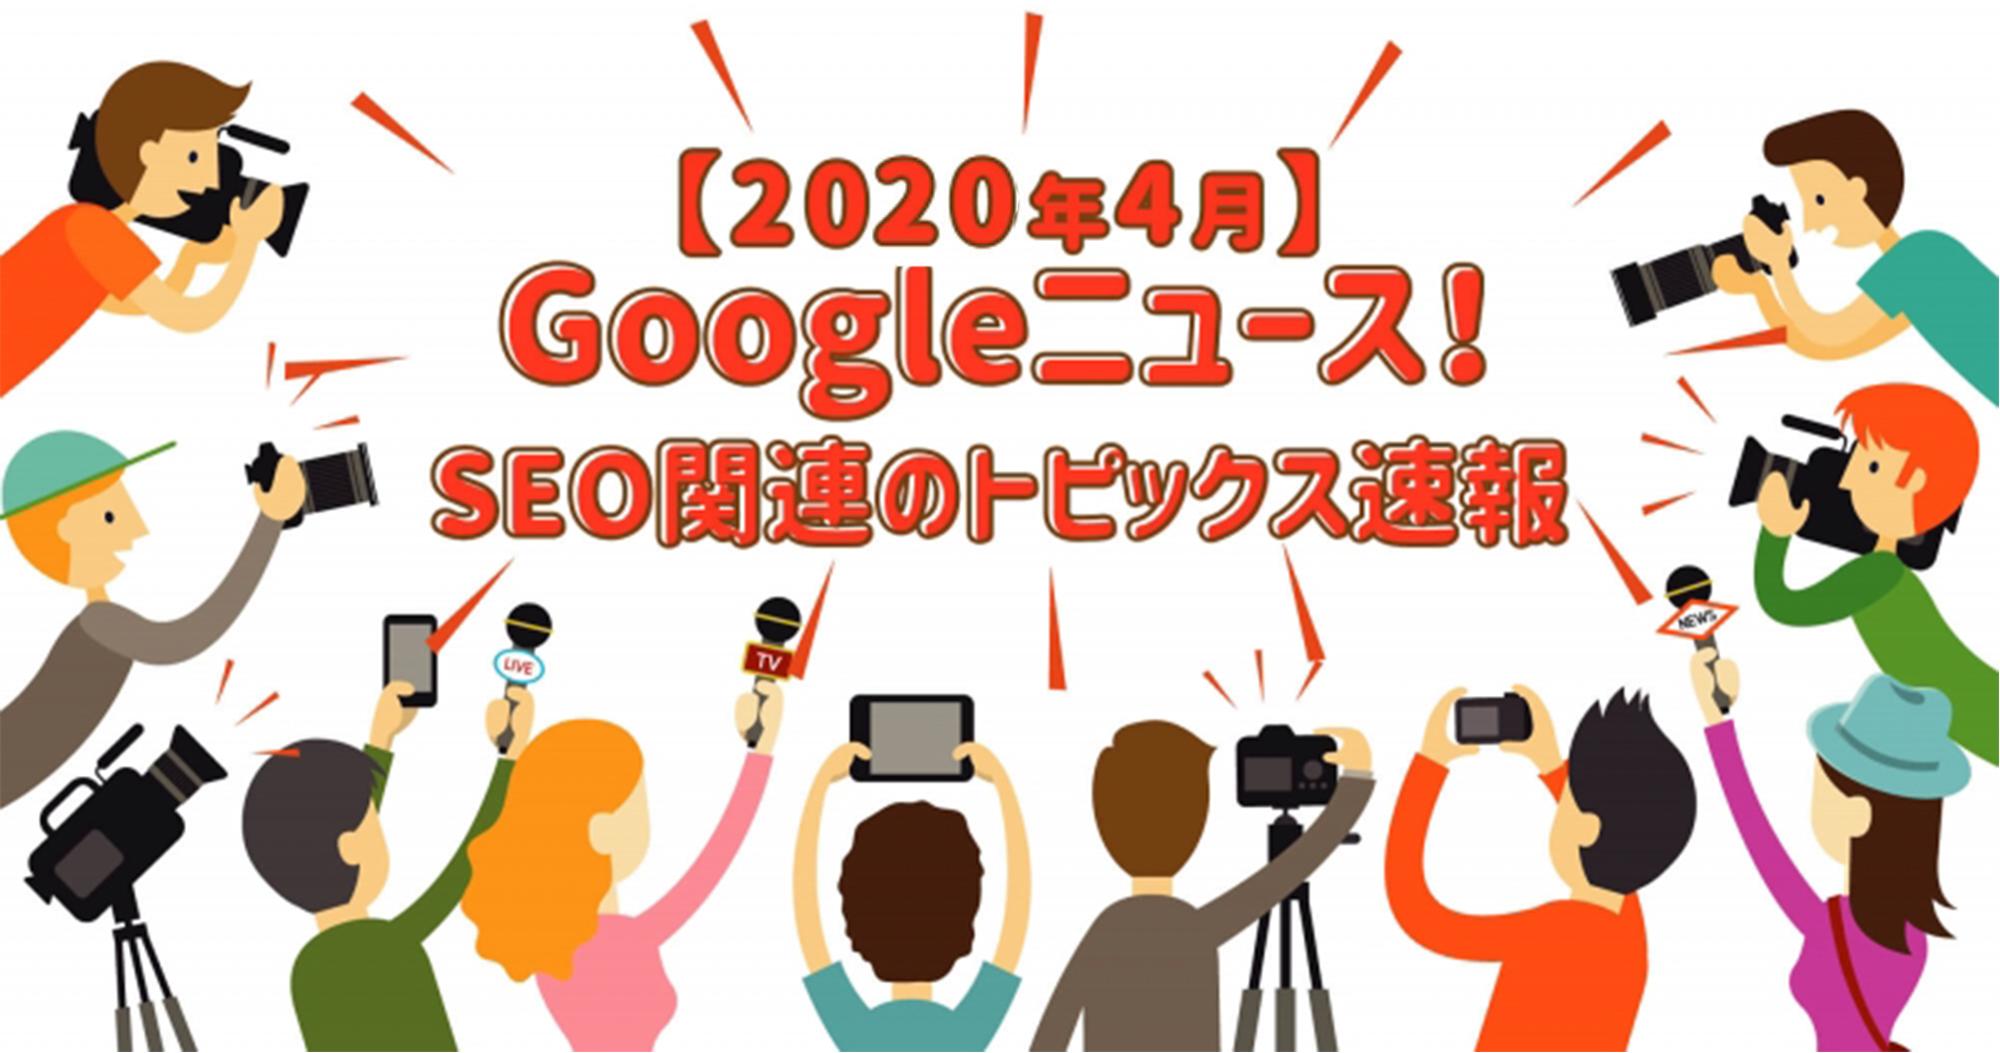 【2020年4月】Googleニュース! SEO対策のトピックスまとめ